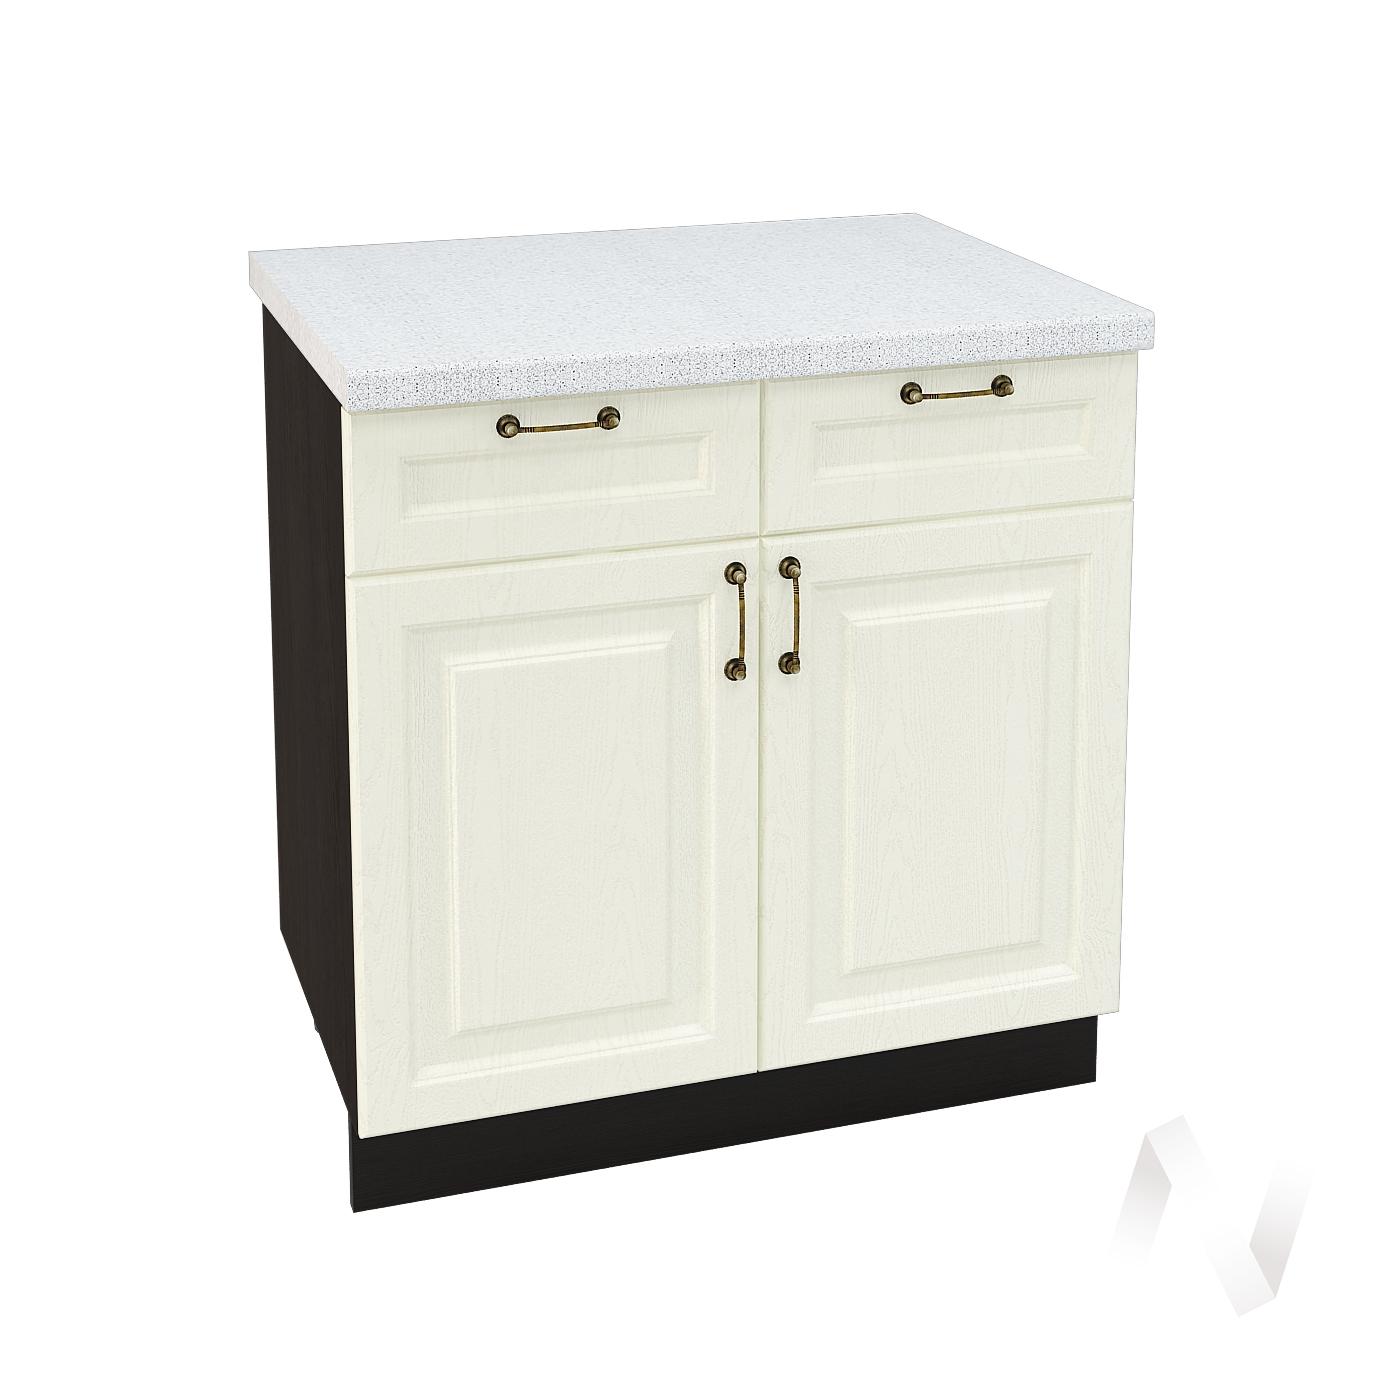 """Кухня """"Ницца"""": Шкаф нижний с ящиками 800, ШН1Я 800 (Крем/корпус венге)"""